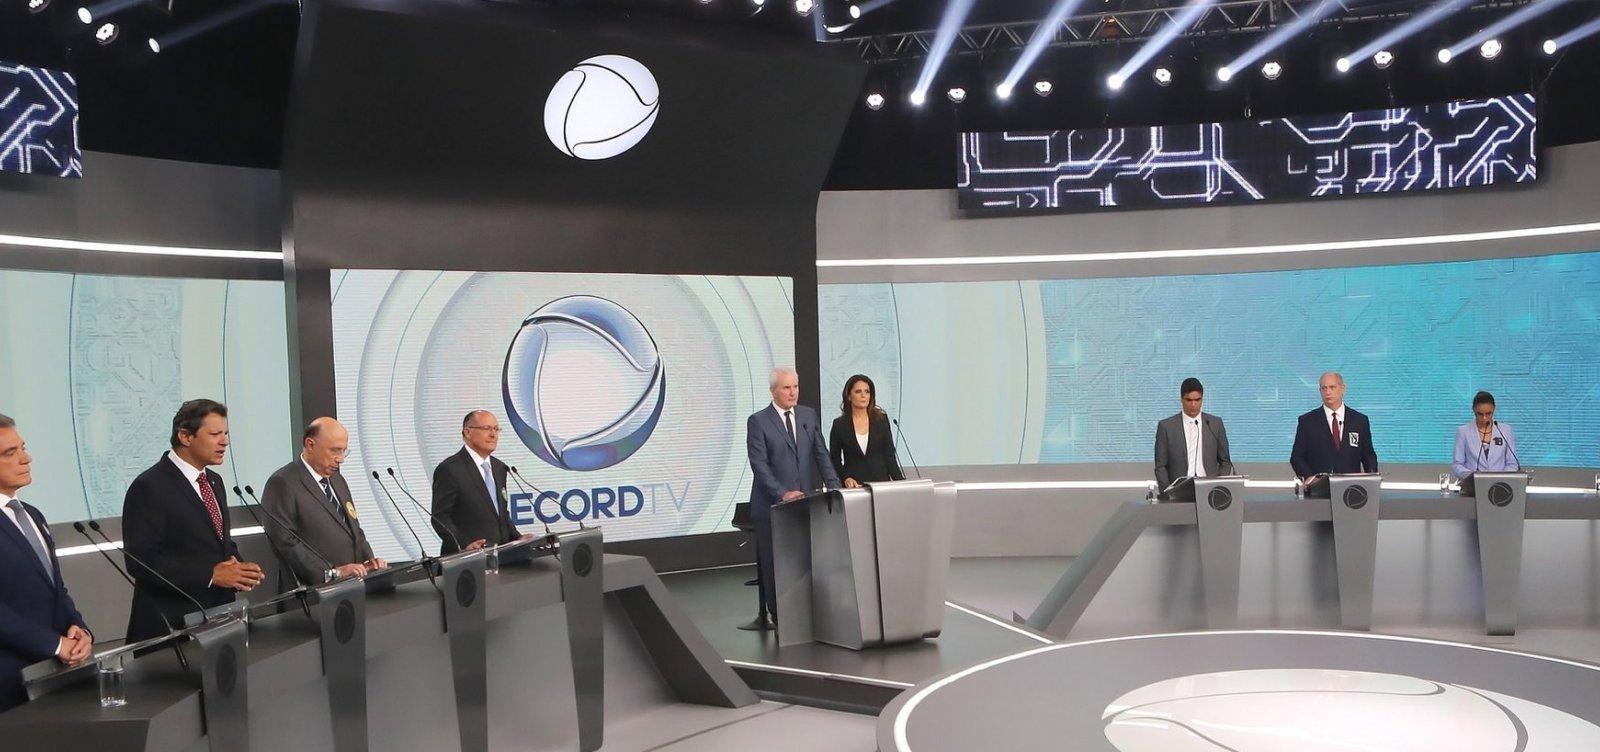 [Em debate, Haddad e Bolsonaro são alvos de ataques dos adversários]